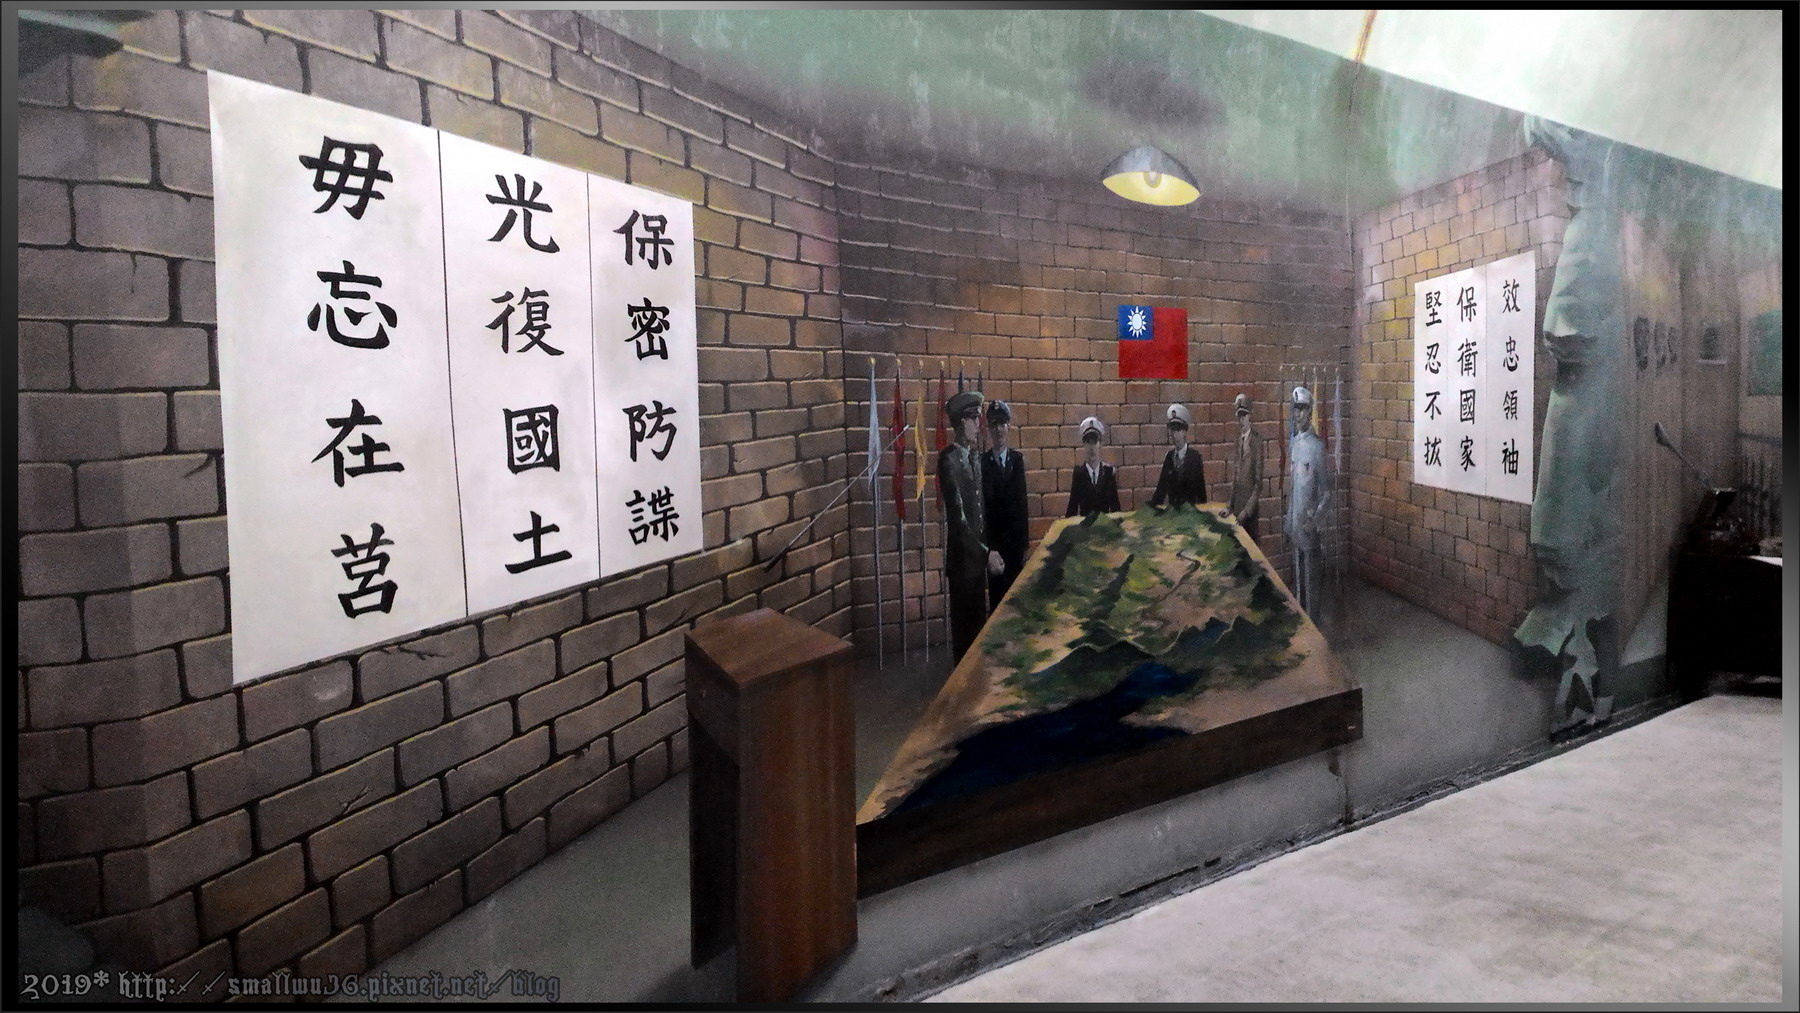 桃園復興鄉-角板山行館(蔣介石)-備戰隧道.jpg